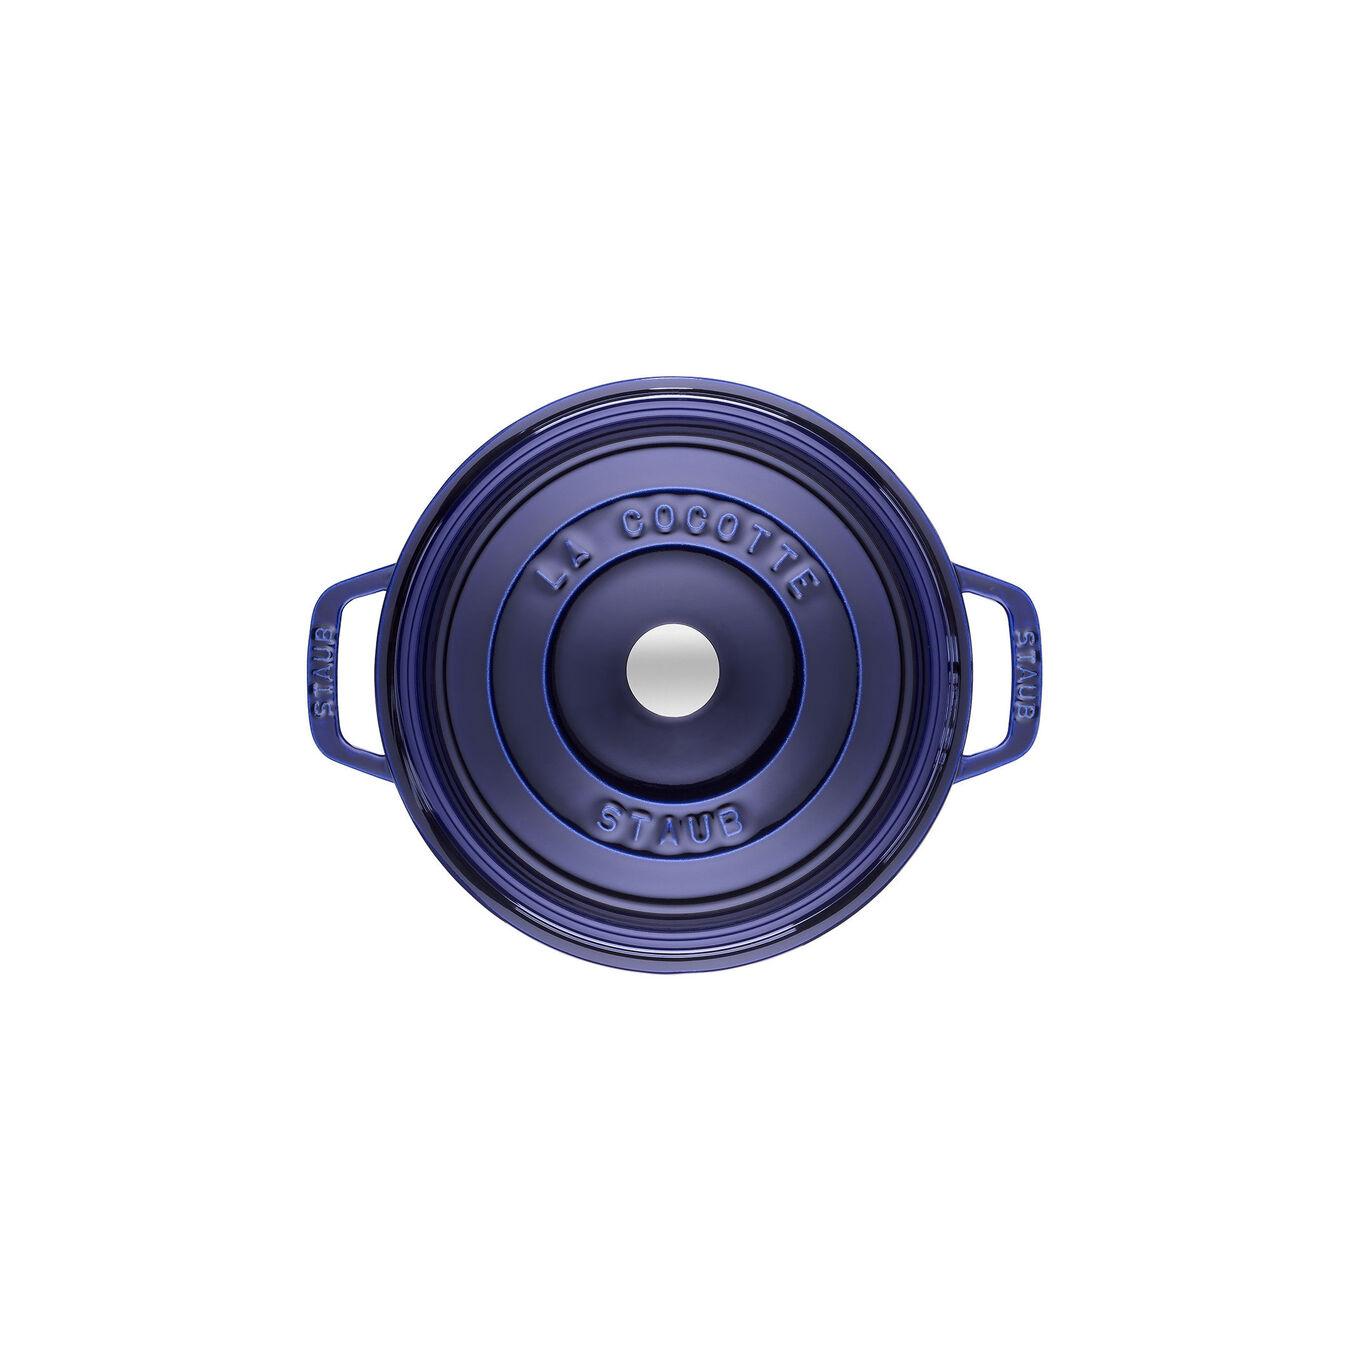 Cocotte rotonda - 22 cm, blu scuro,,large 2